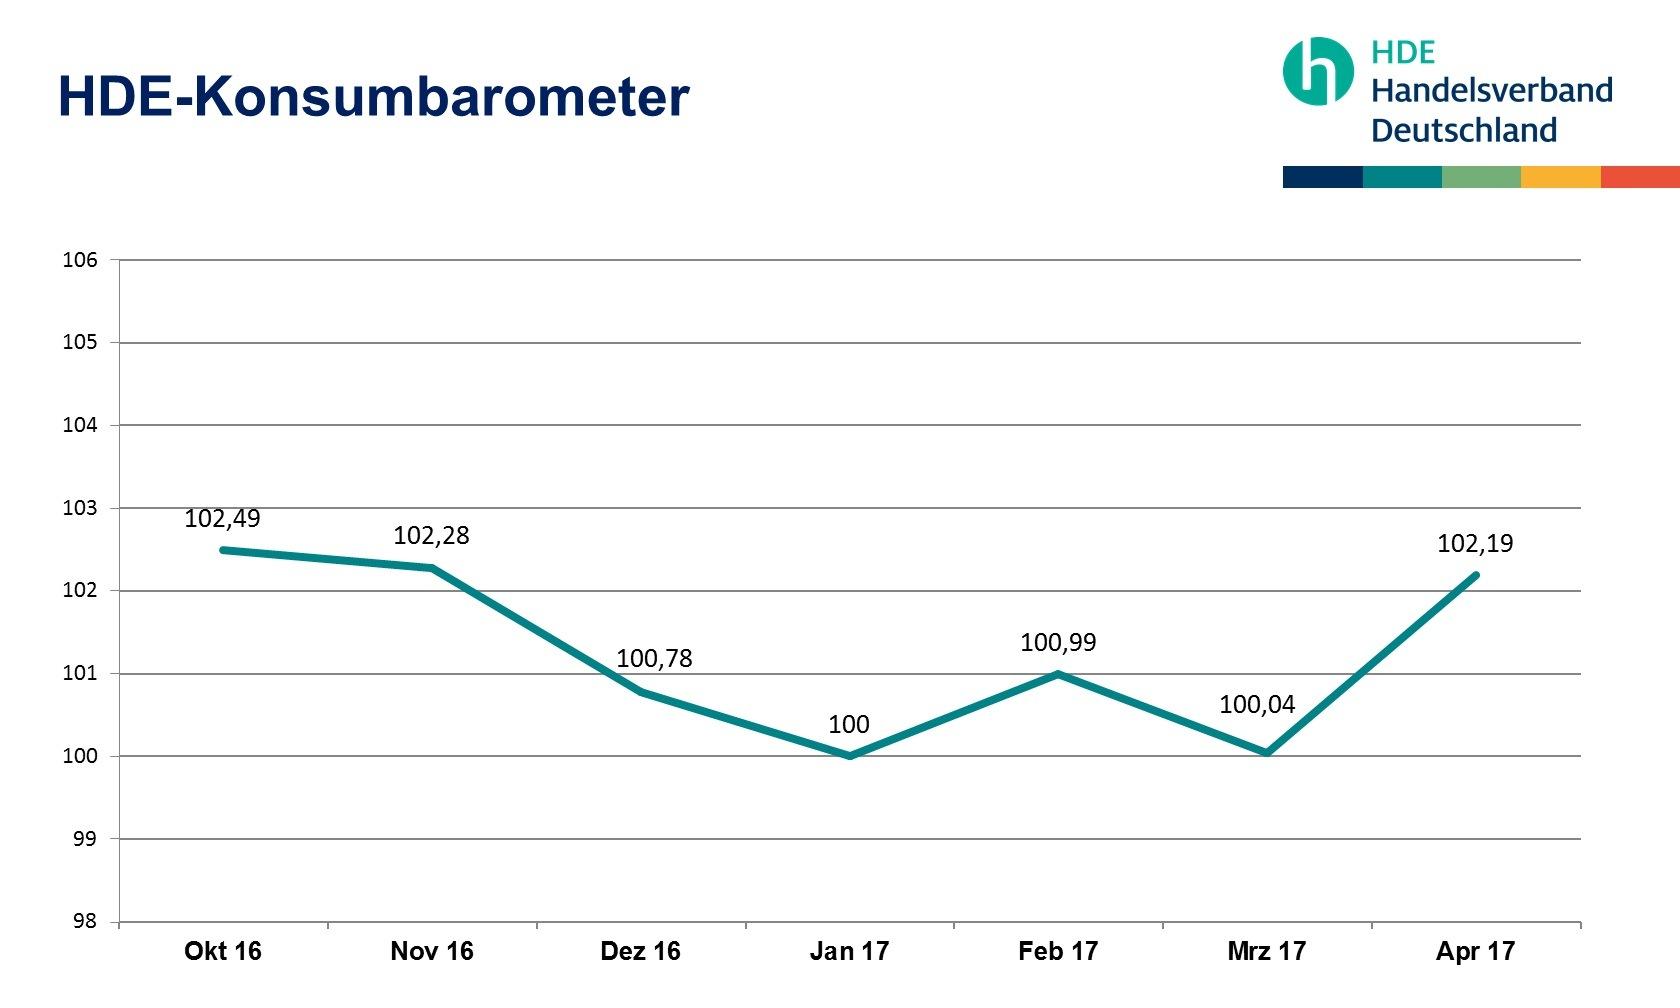 HDE-Konsumbarometer April 2017